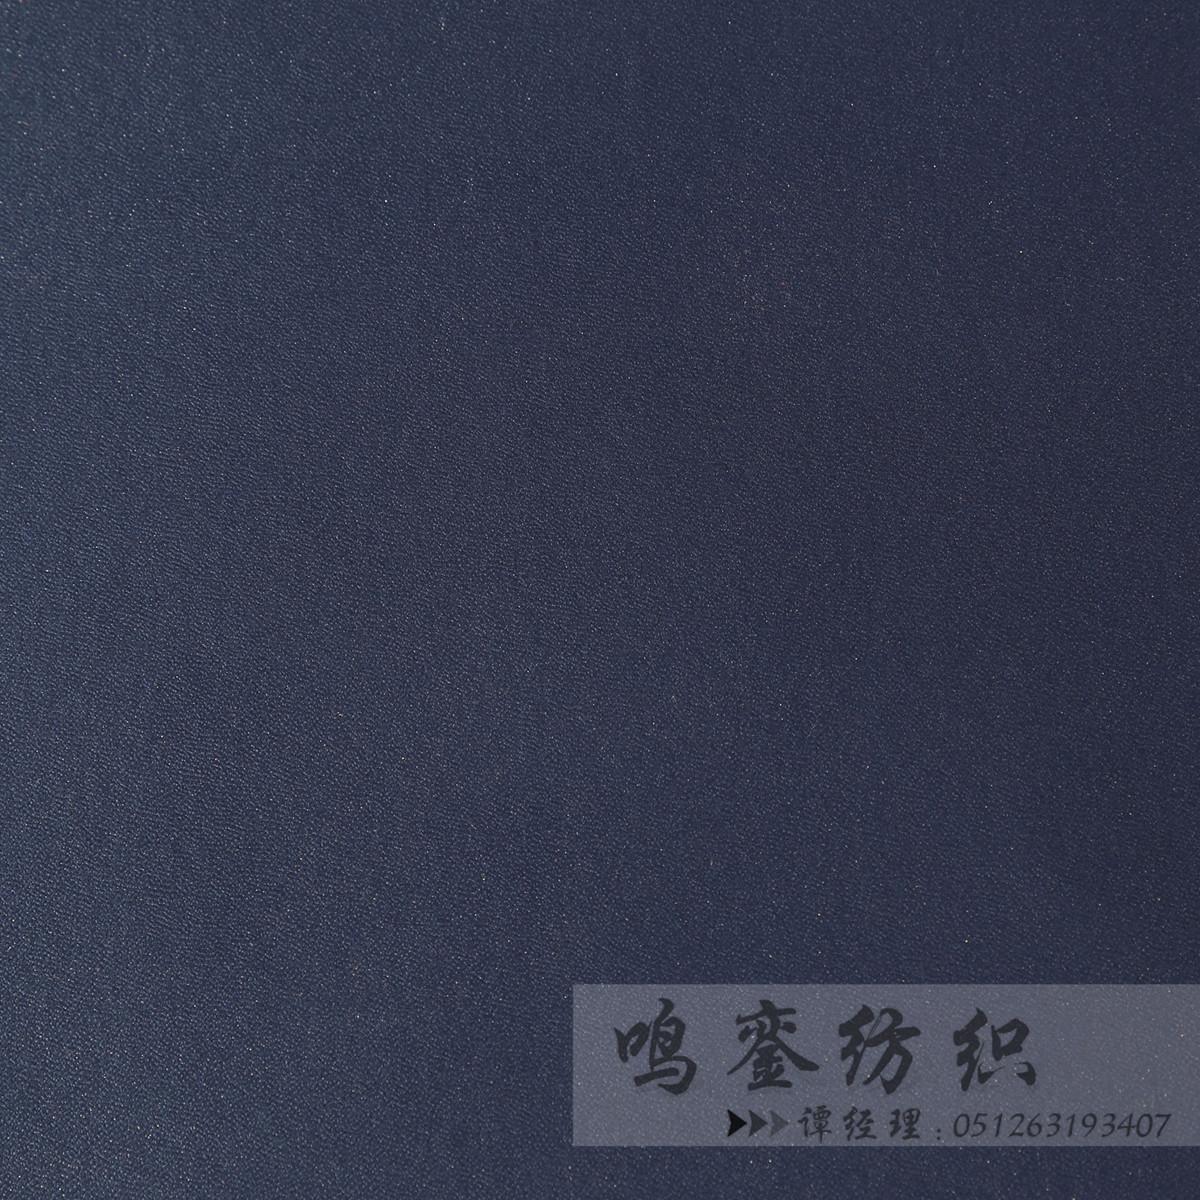 Cung cấp lực đàn hồi đường vân phẳng 70D vải bông vải sợi nhân tạo tem mảnh vải bán buôn thường các